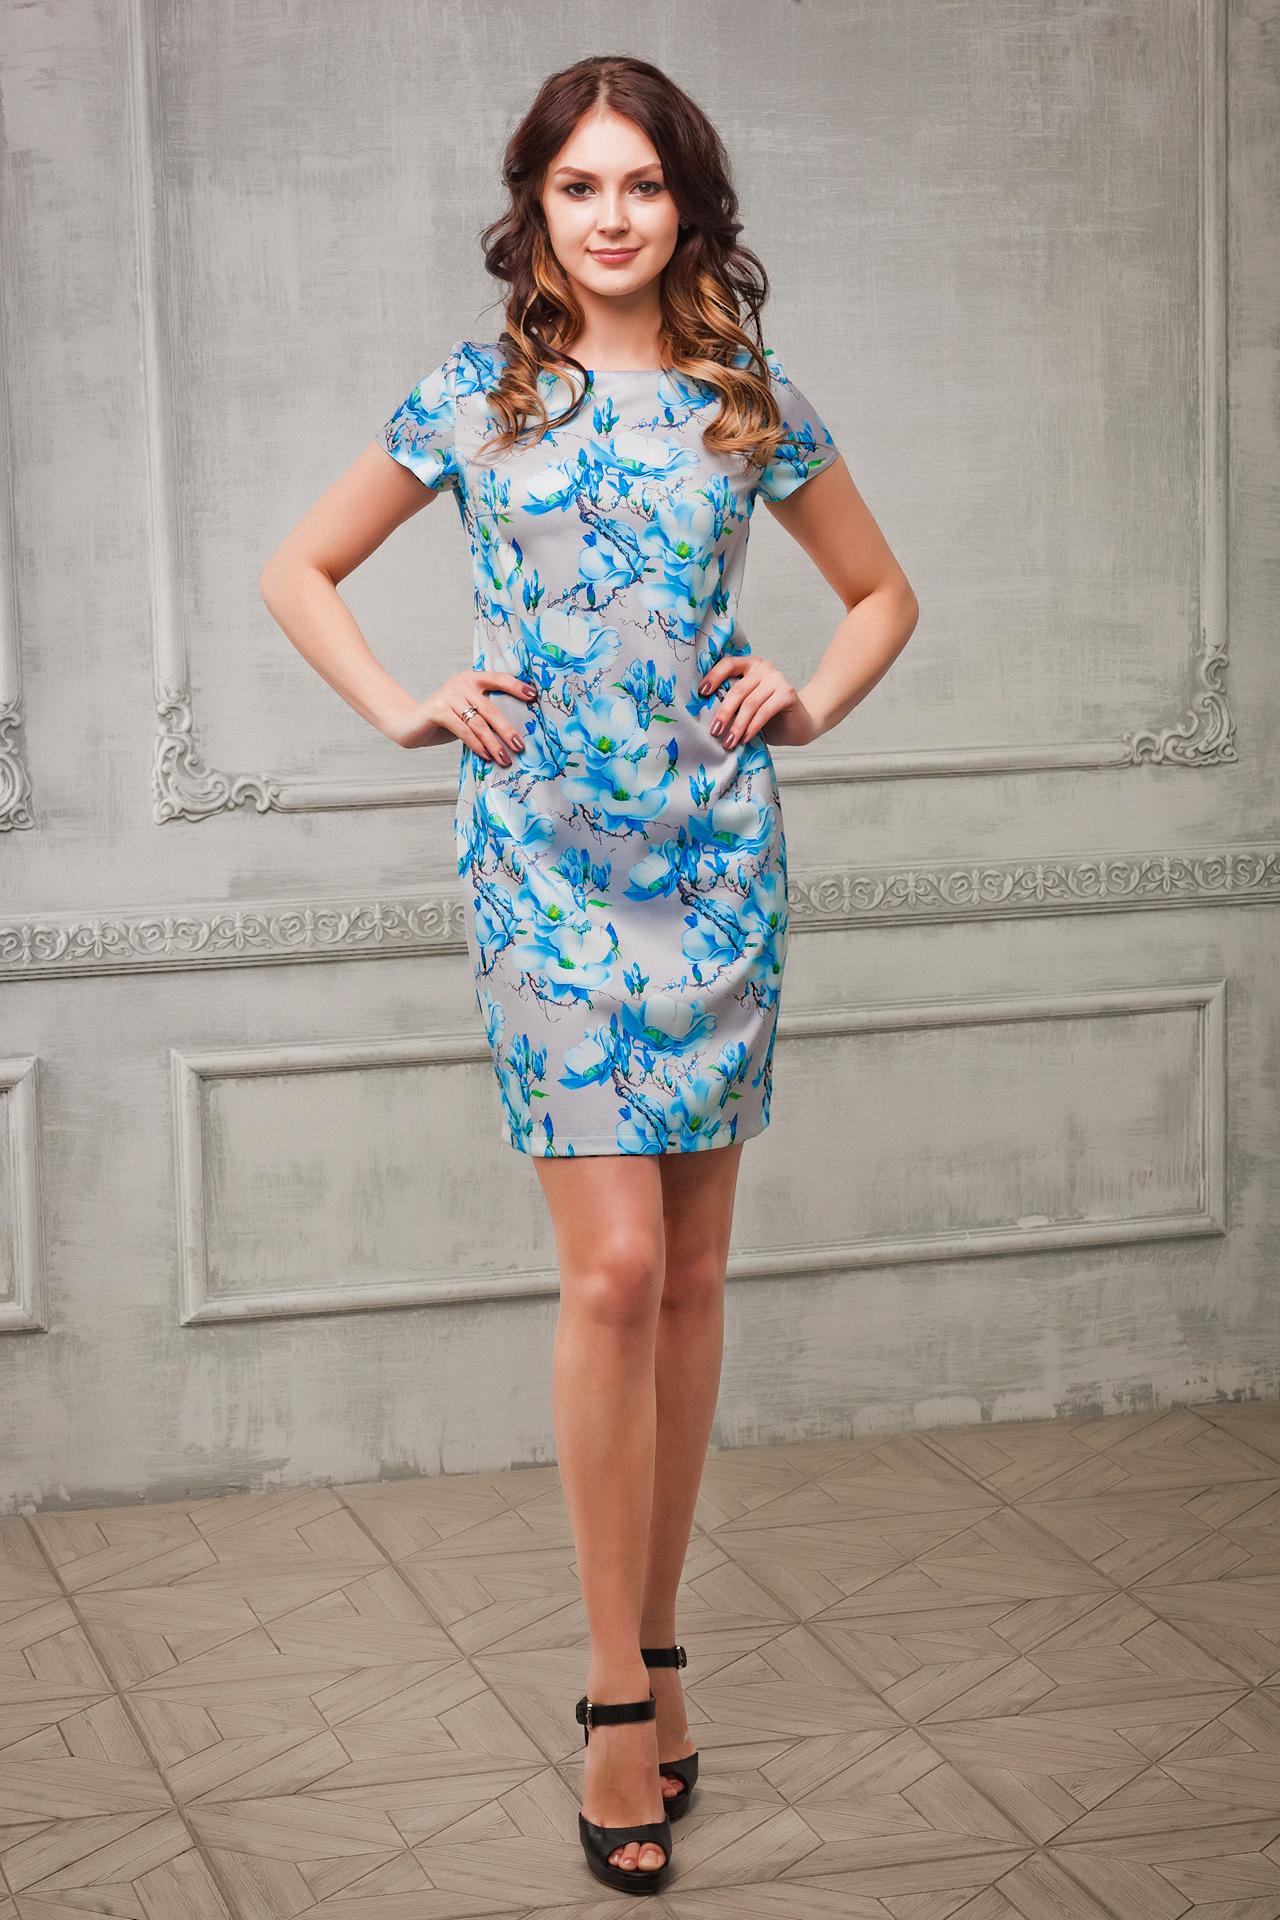 45f7039bbc6 Закупка модная женская одежда от производителя-апрель. Совместные ...